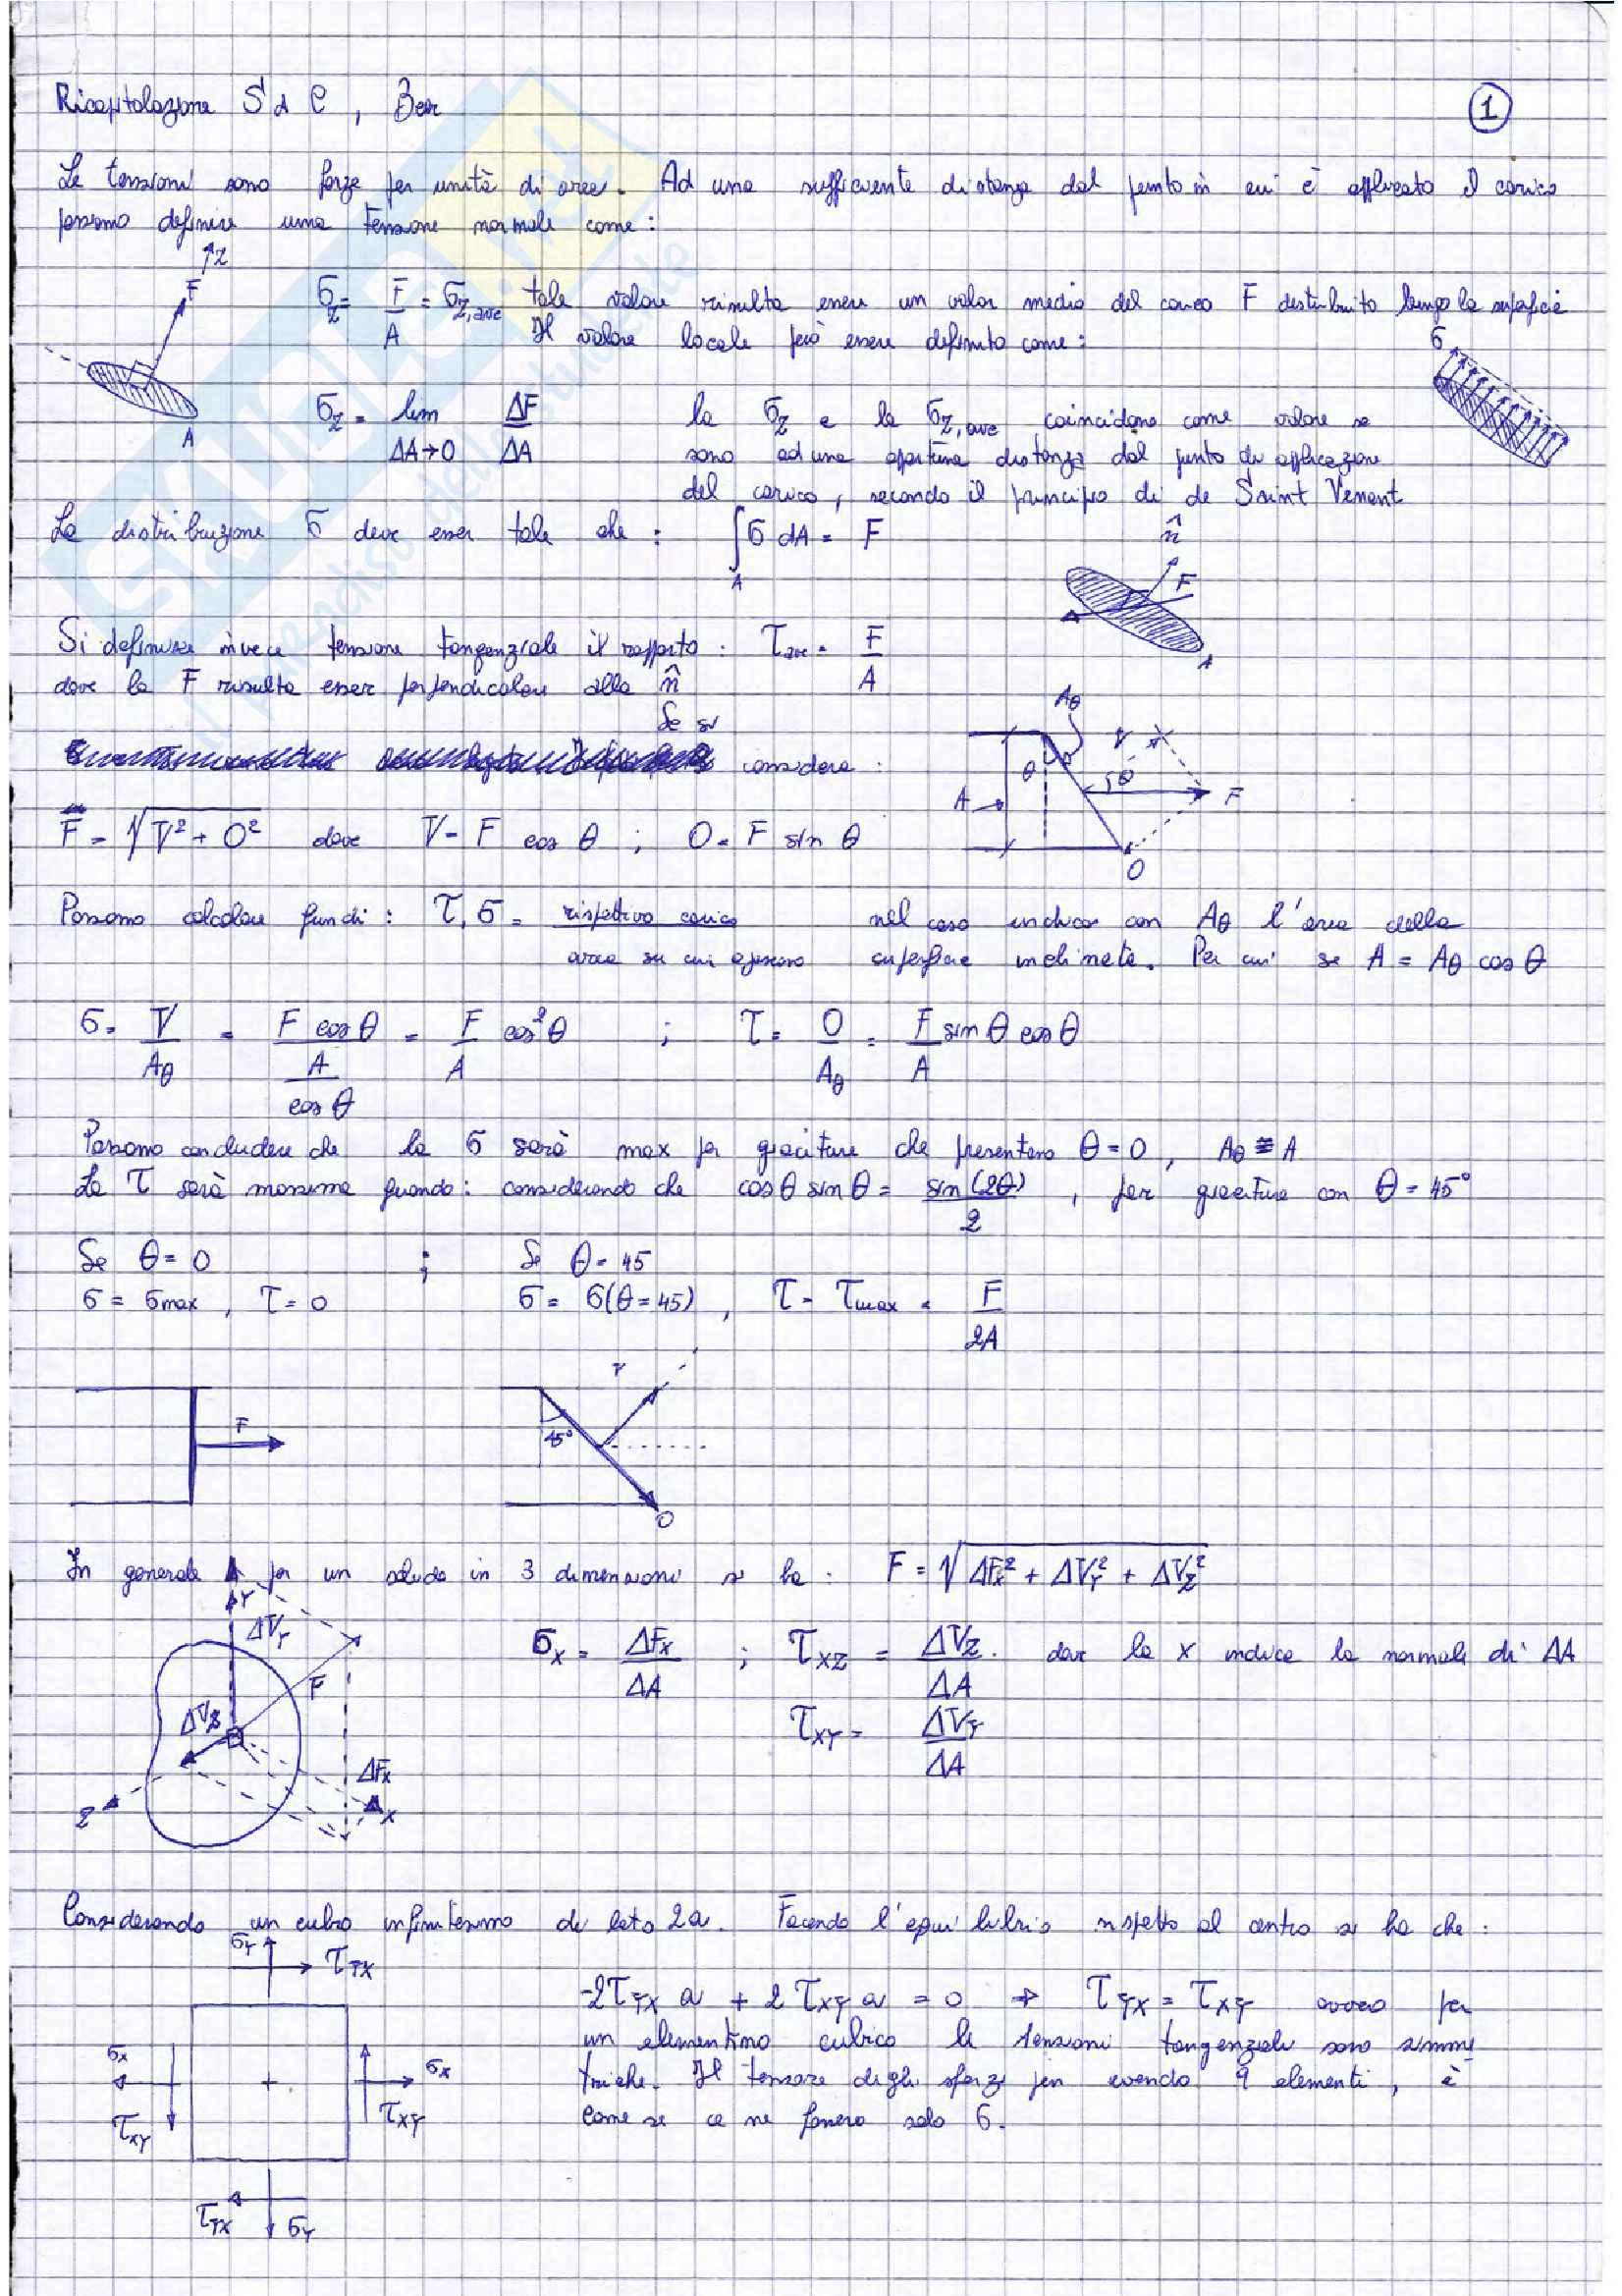 Riassunto esame parte 1 costruzioni di macchine, prof. Citarella, libro consigliato Meccanica dei solidi, Beer